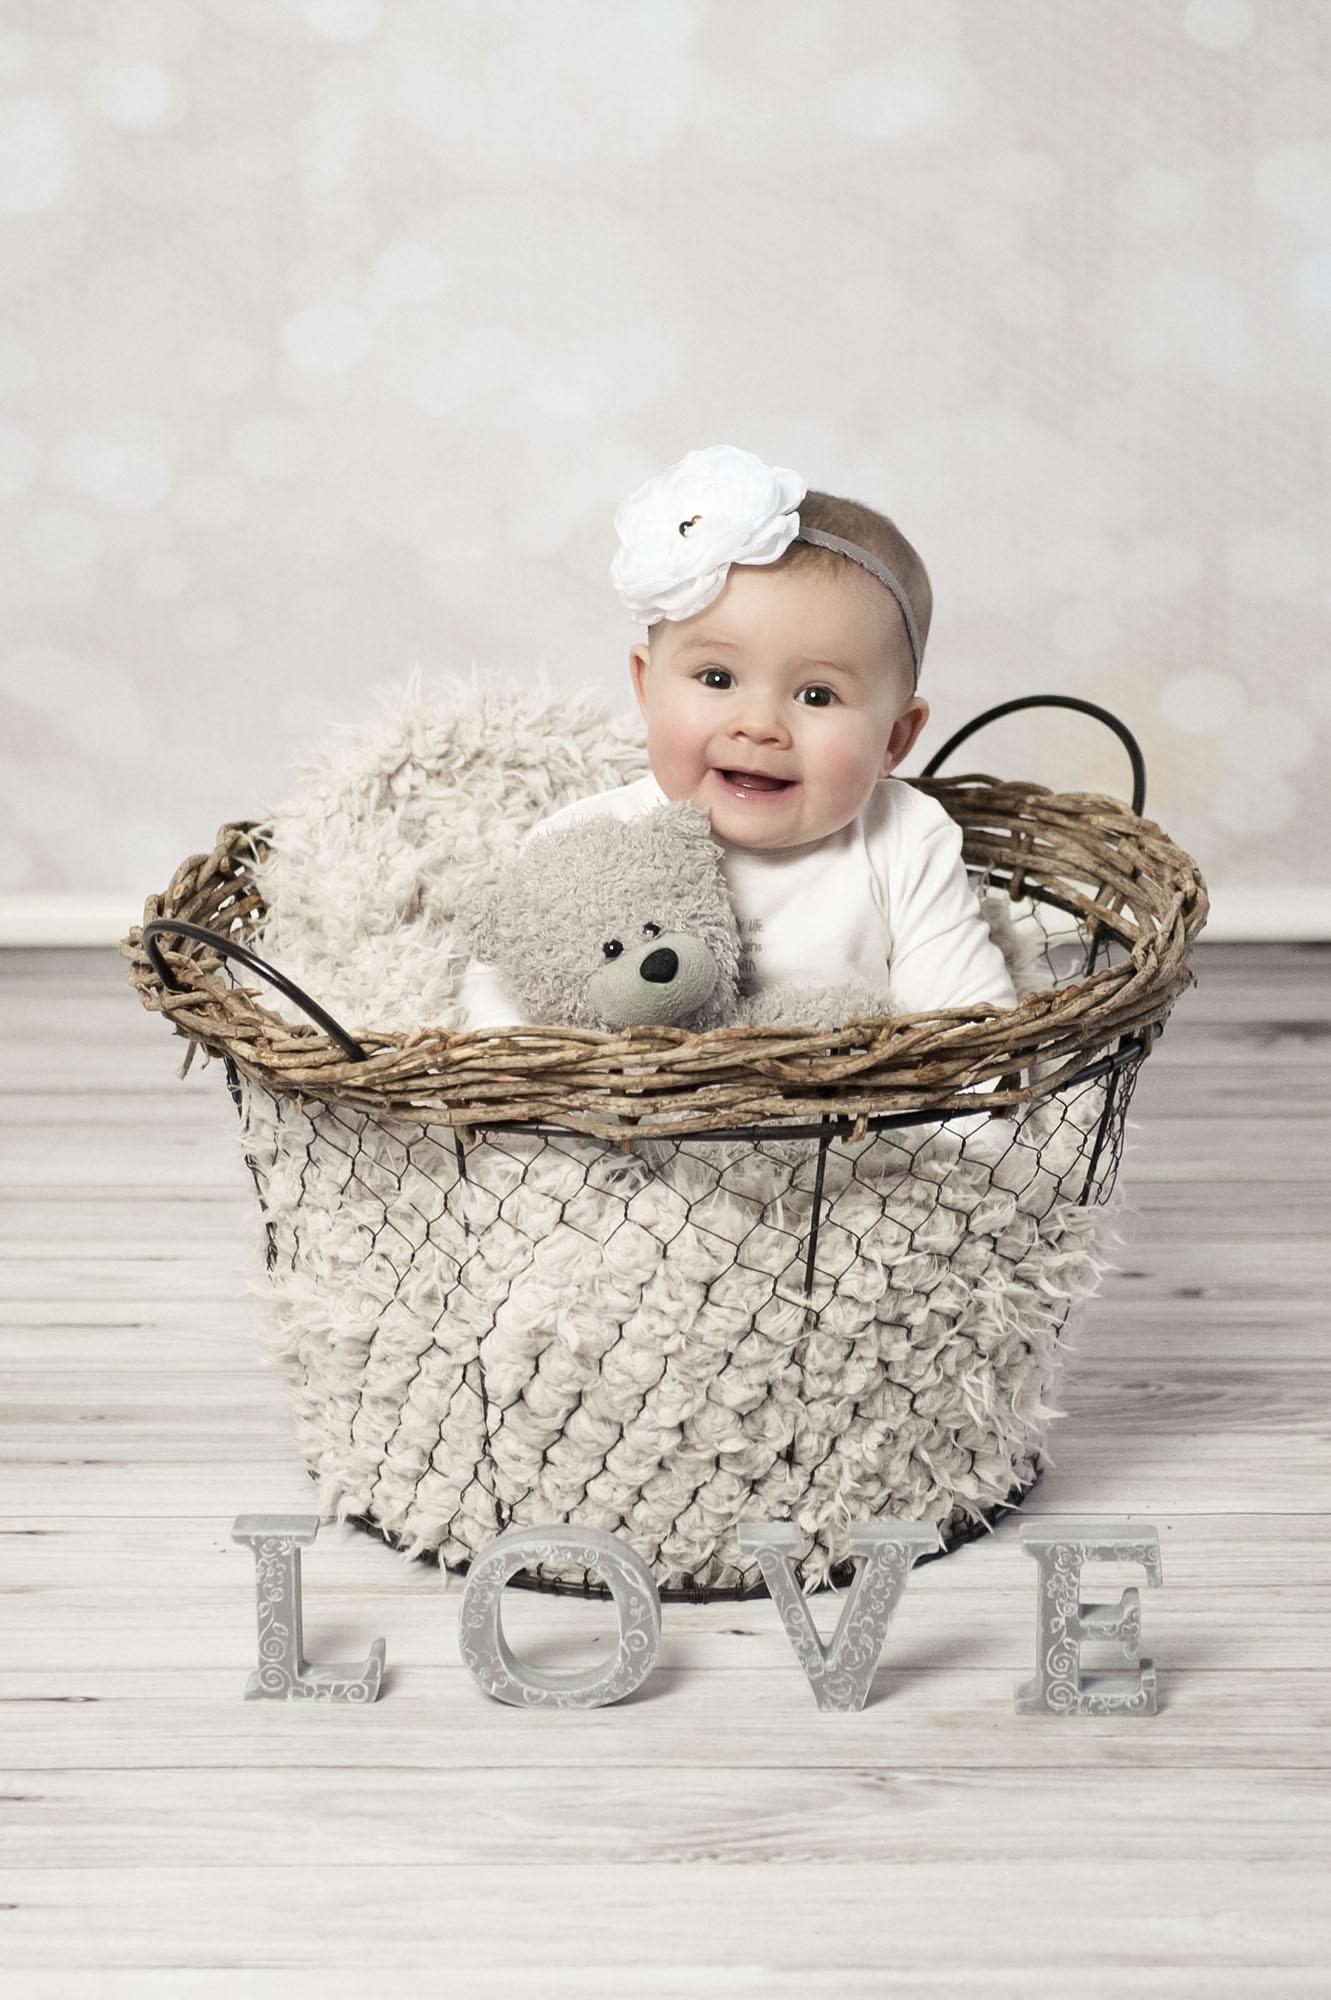 Babyfotos waldkraiburg - Baby bilder ideen ...